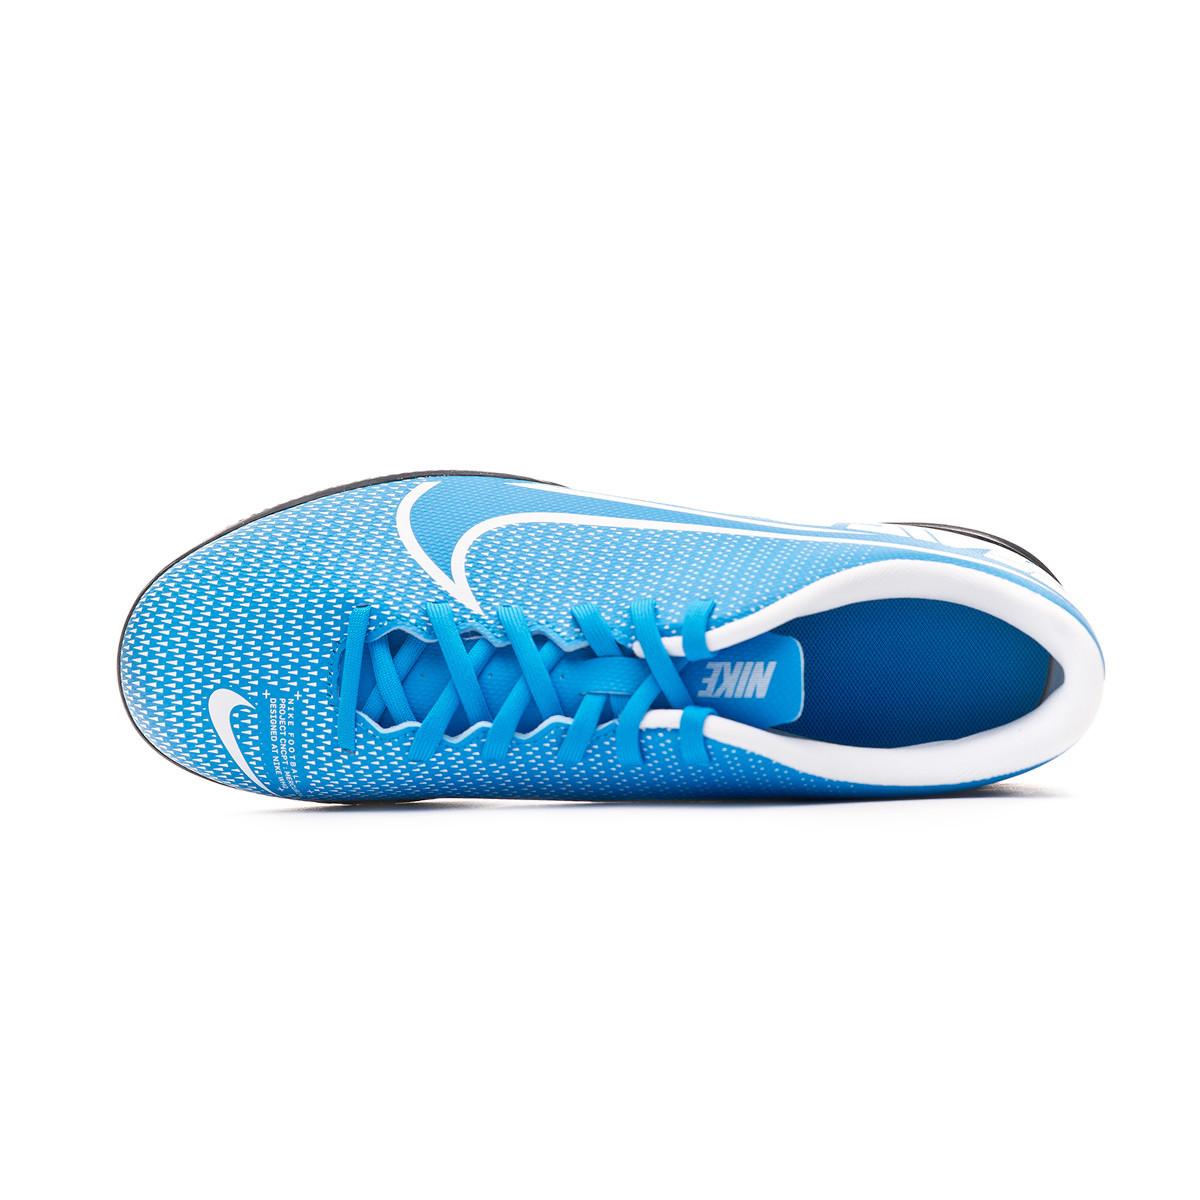 Chaussure de futsal Nike Mercurial Vapor XIII Club IC